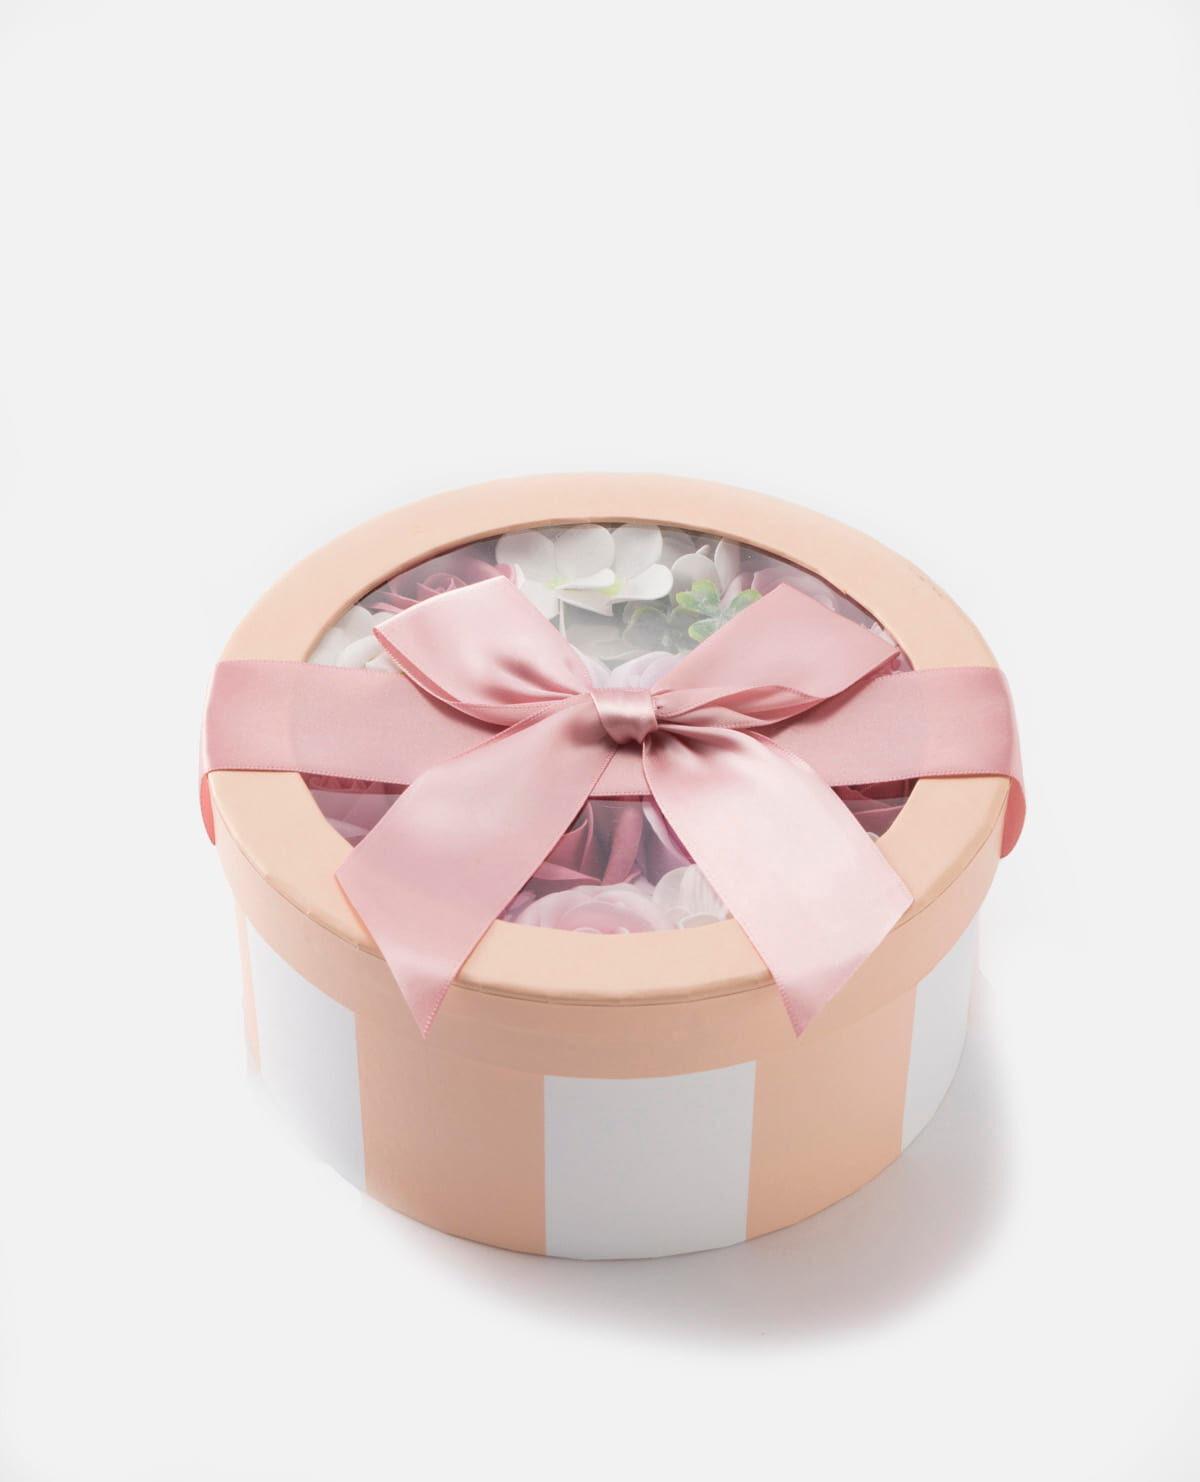 花 入浴剤 フレグランス ギフトボックス パステル ピンク